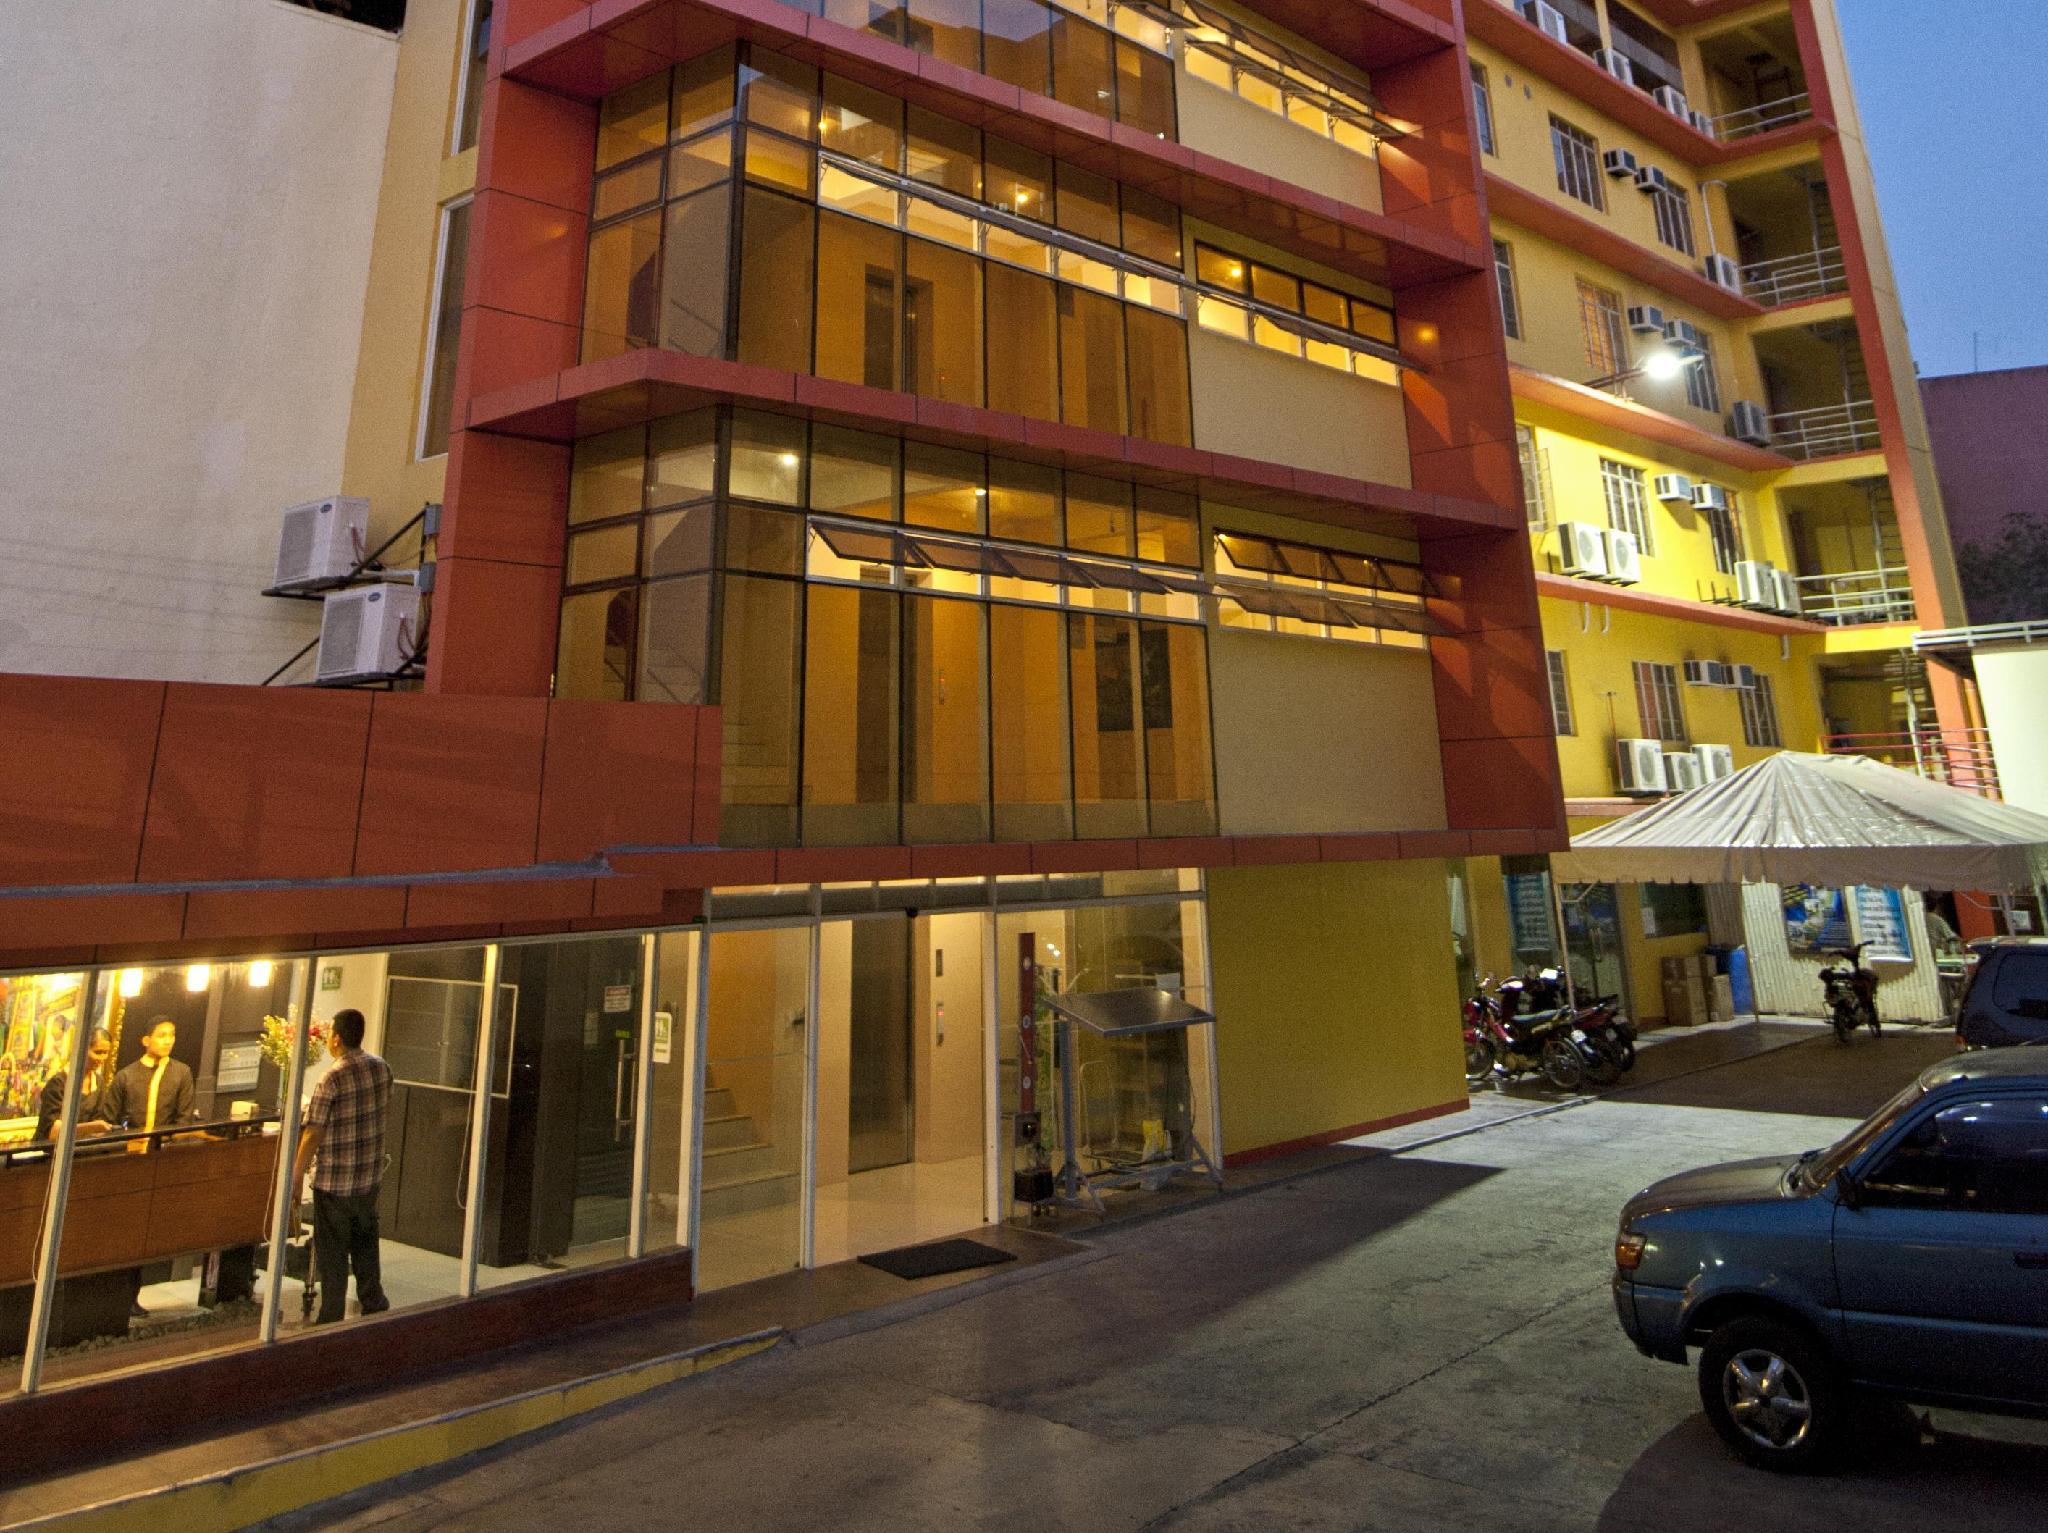 M Citi Suites - Exterior view